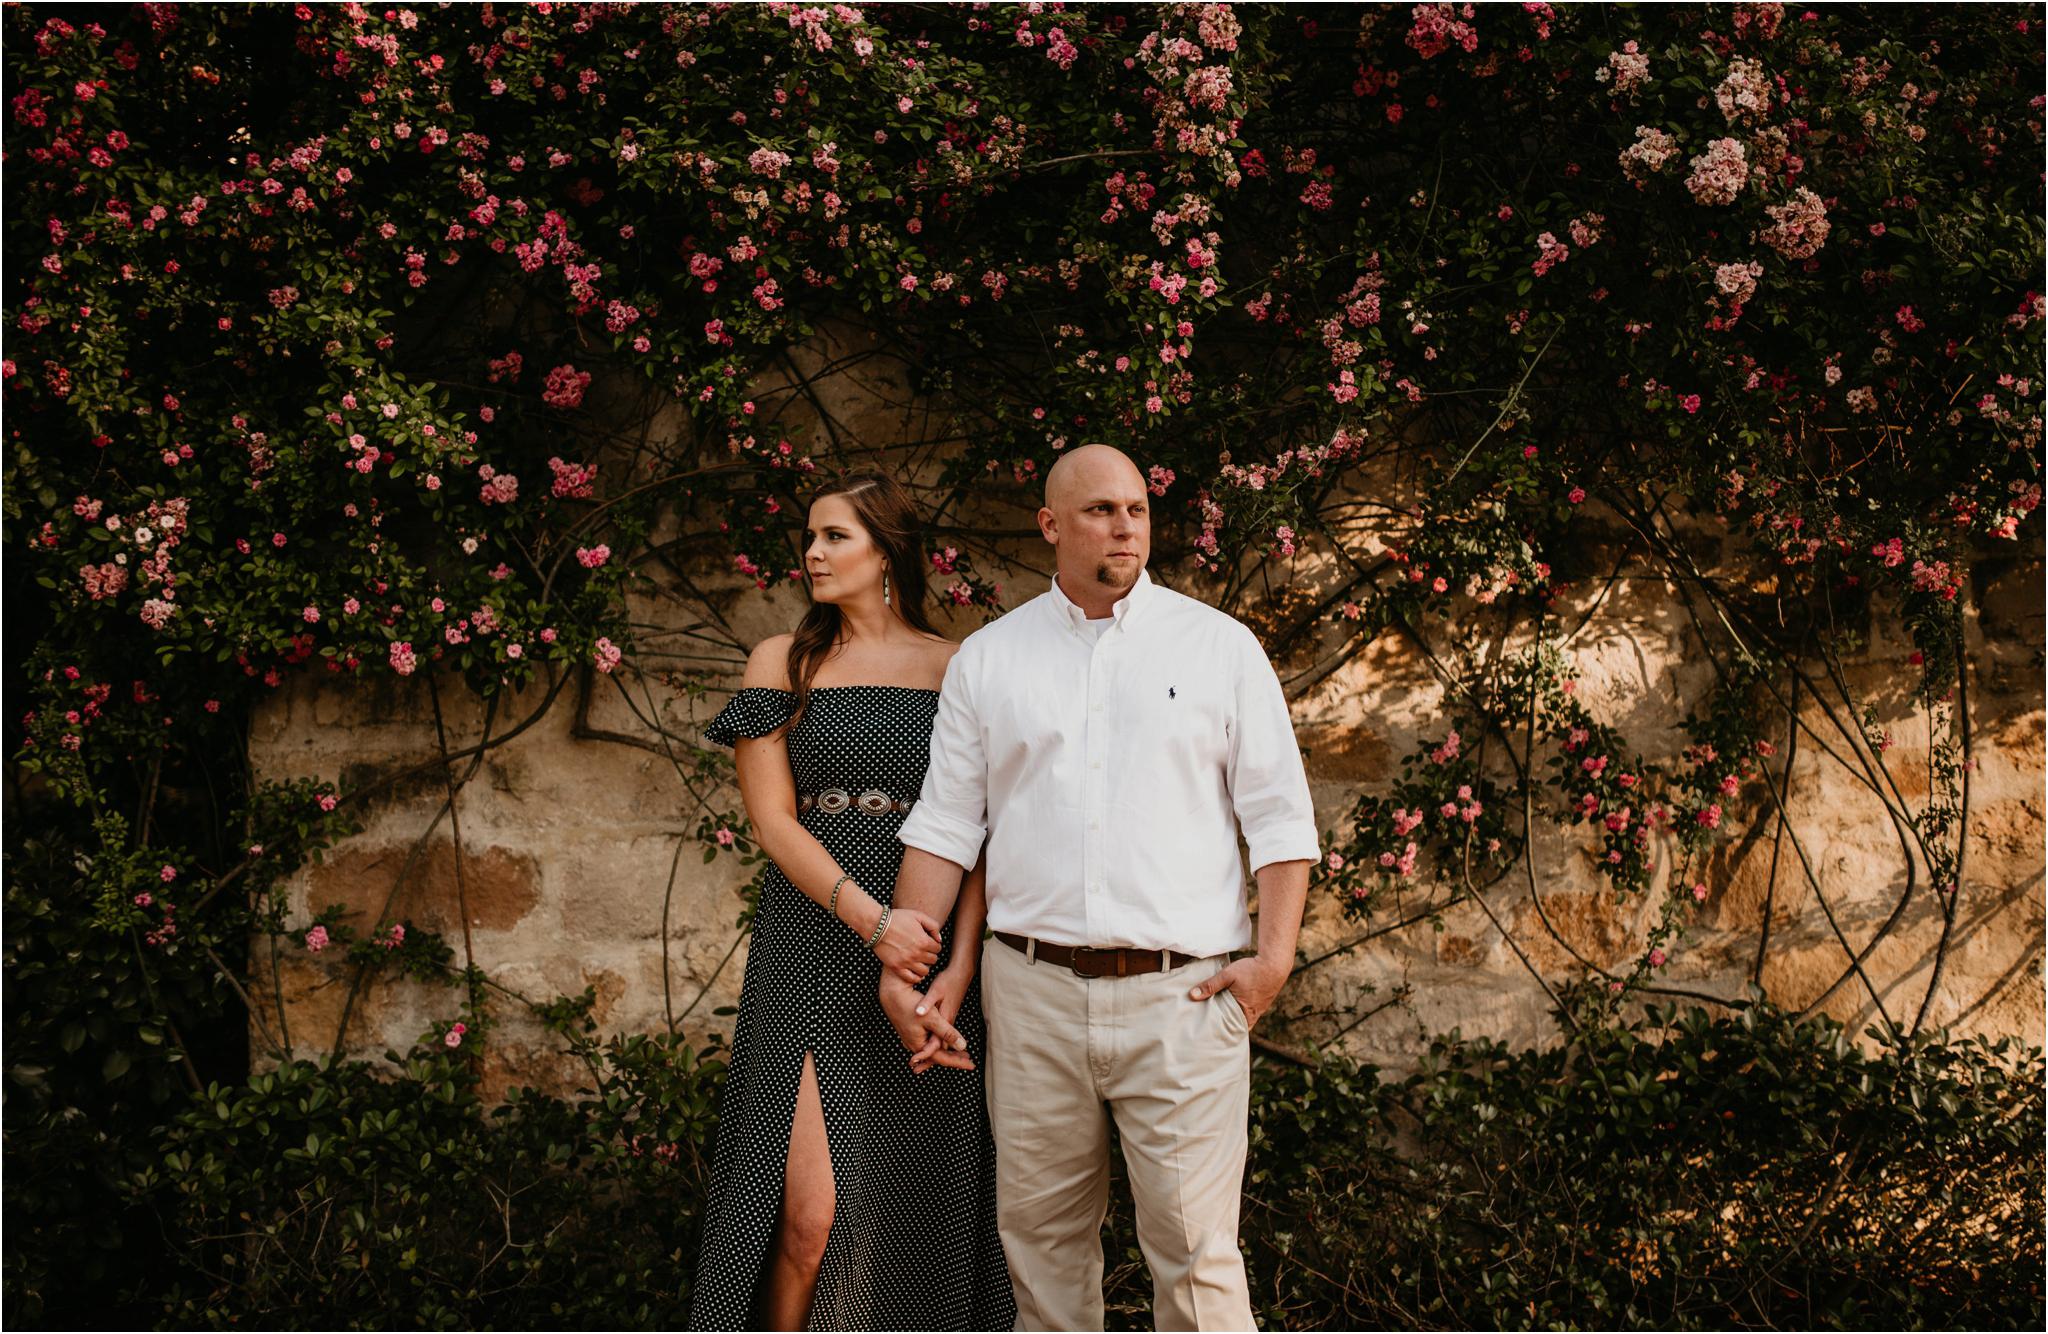 katie-and-eric-houston-oaks-engagement-session-houston-wedding-photographer-024.jpg